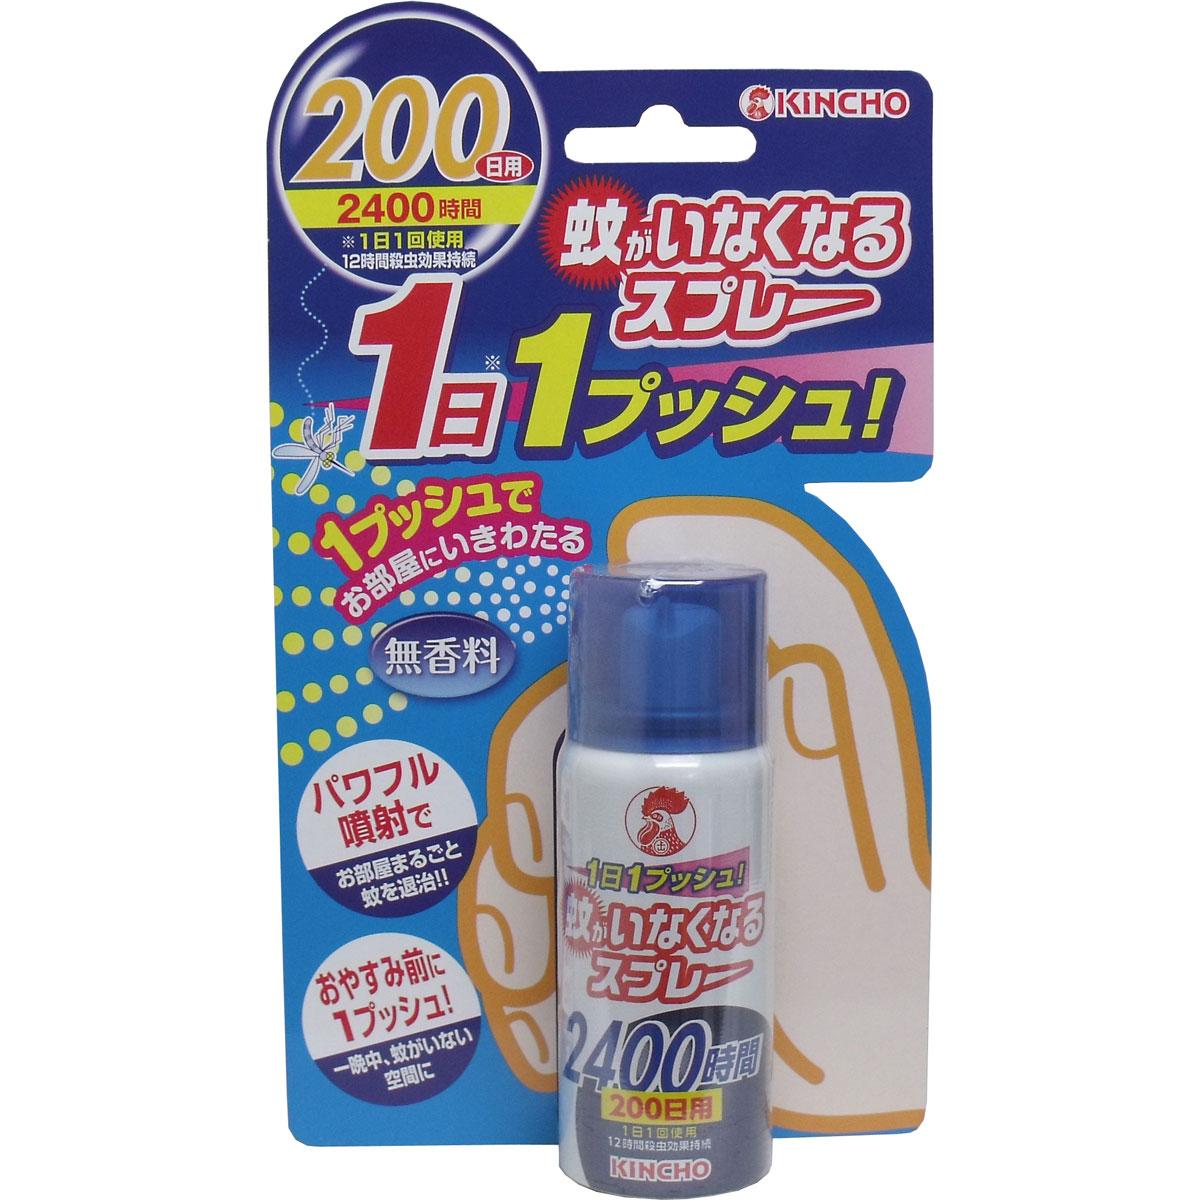 金鳥 蚊がいなくなるスプレー 無香料 200日用 x8点